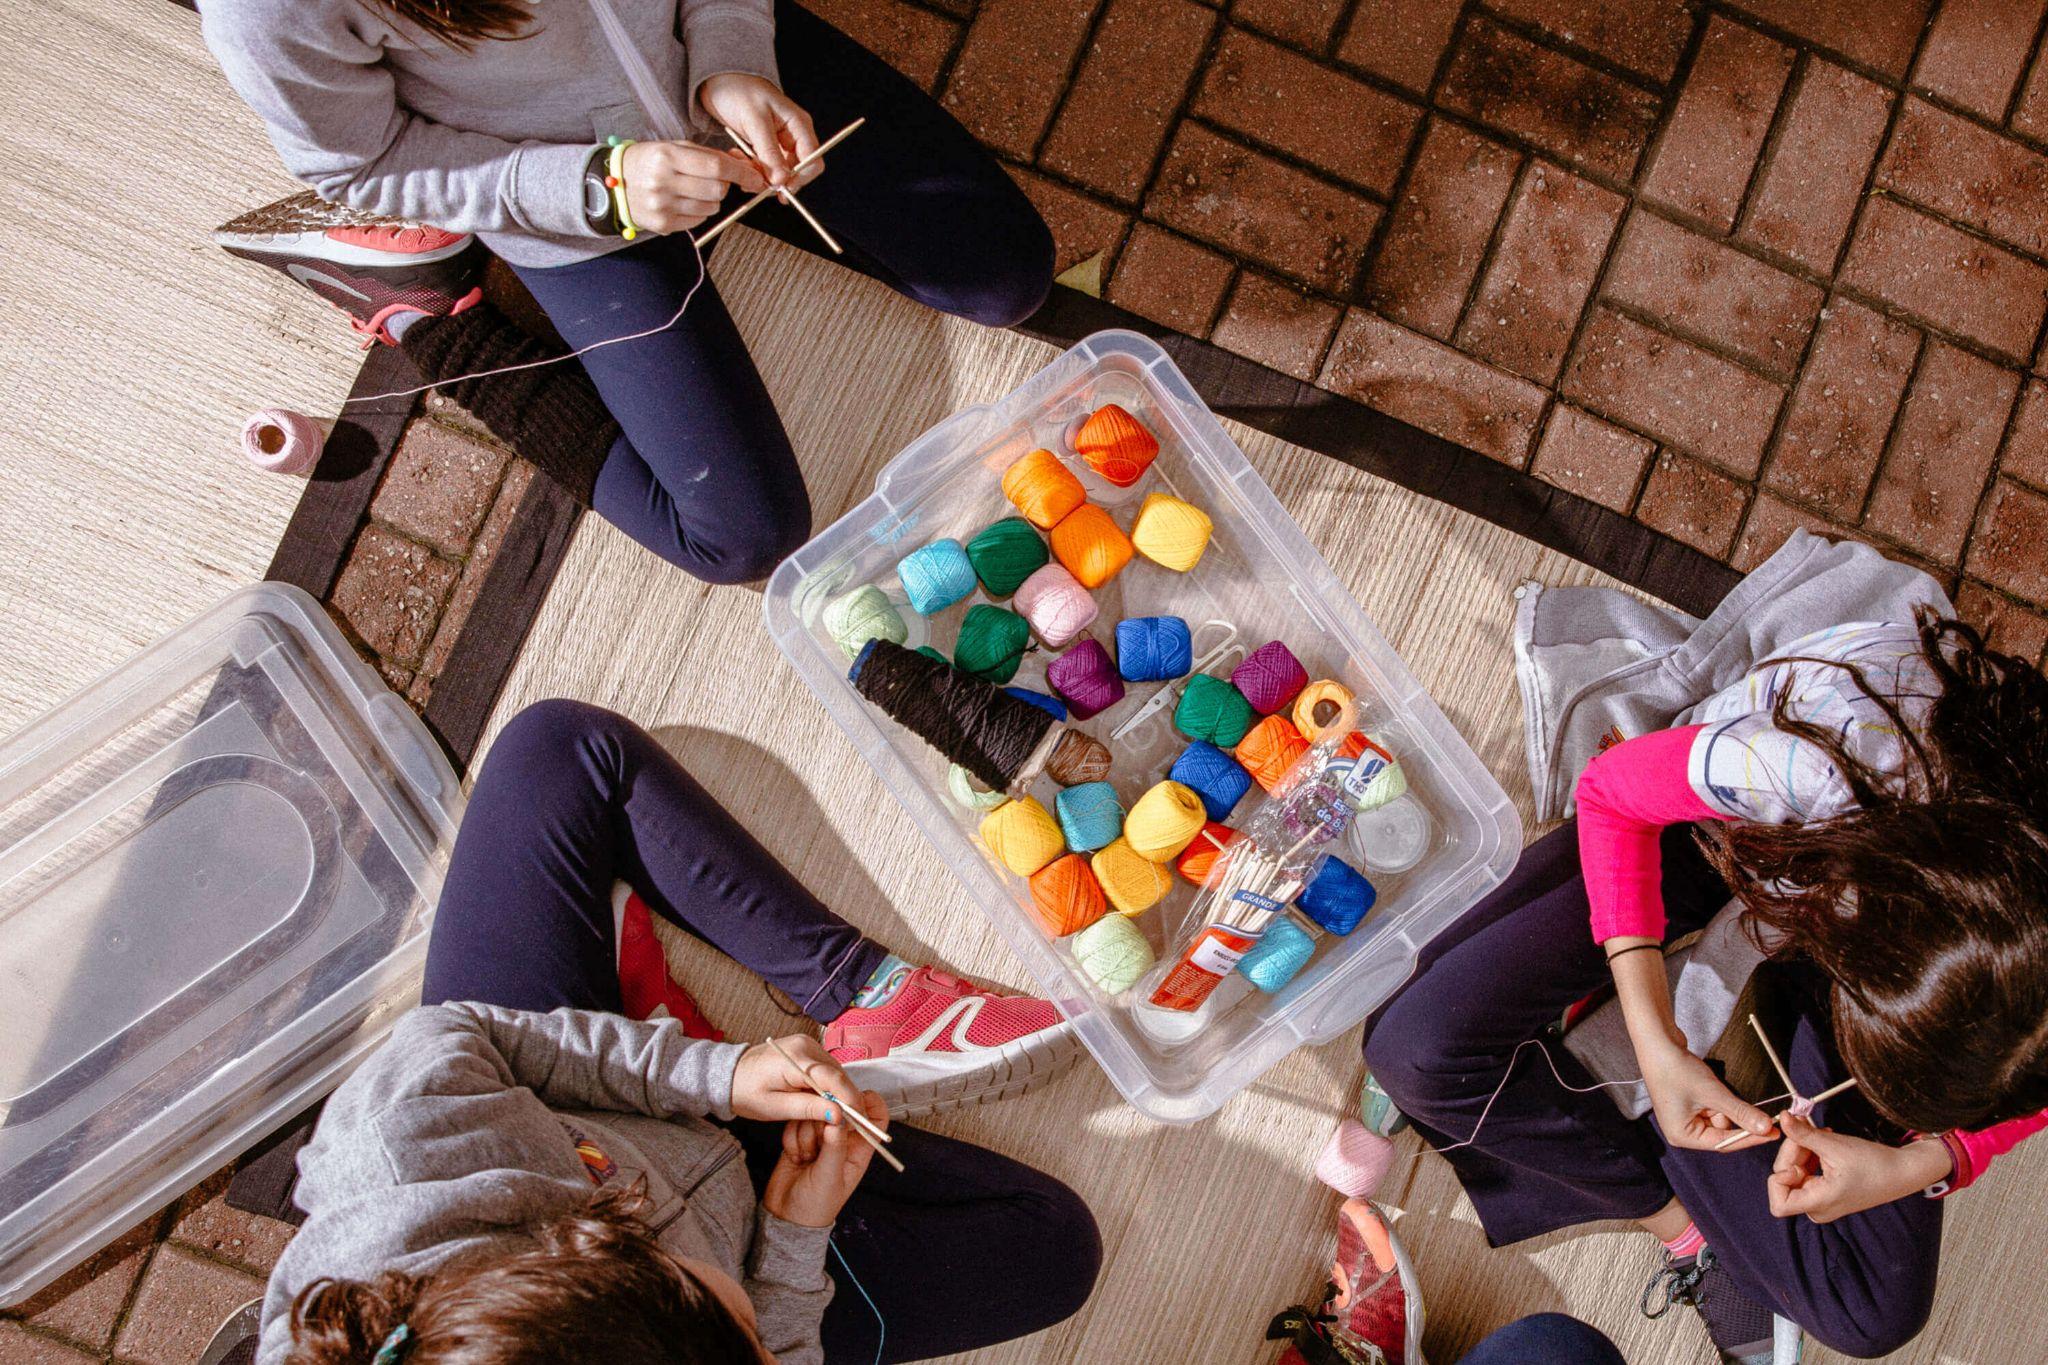 A imagem mostra um grupo de crianças ao redor de uma caixa que contém novelos de linhas coloridas.